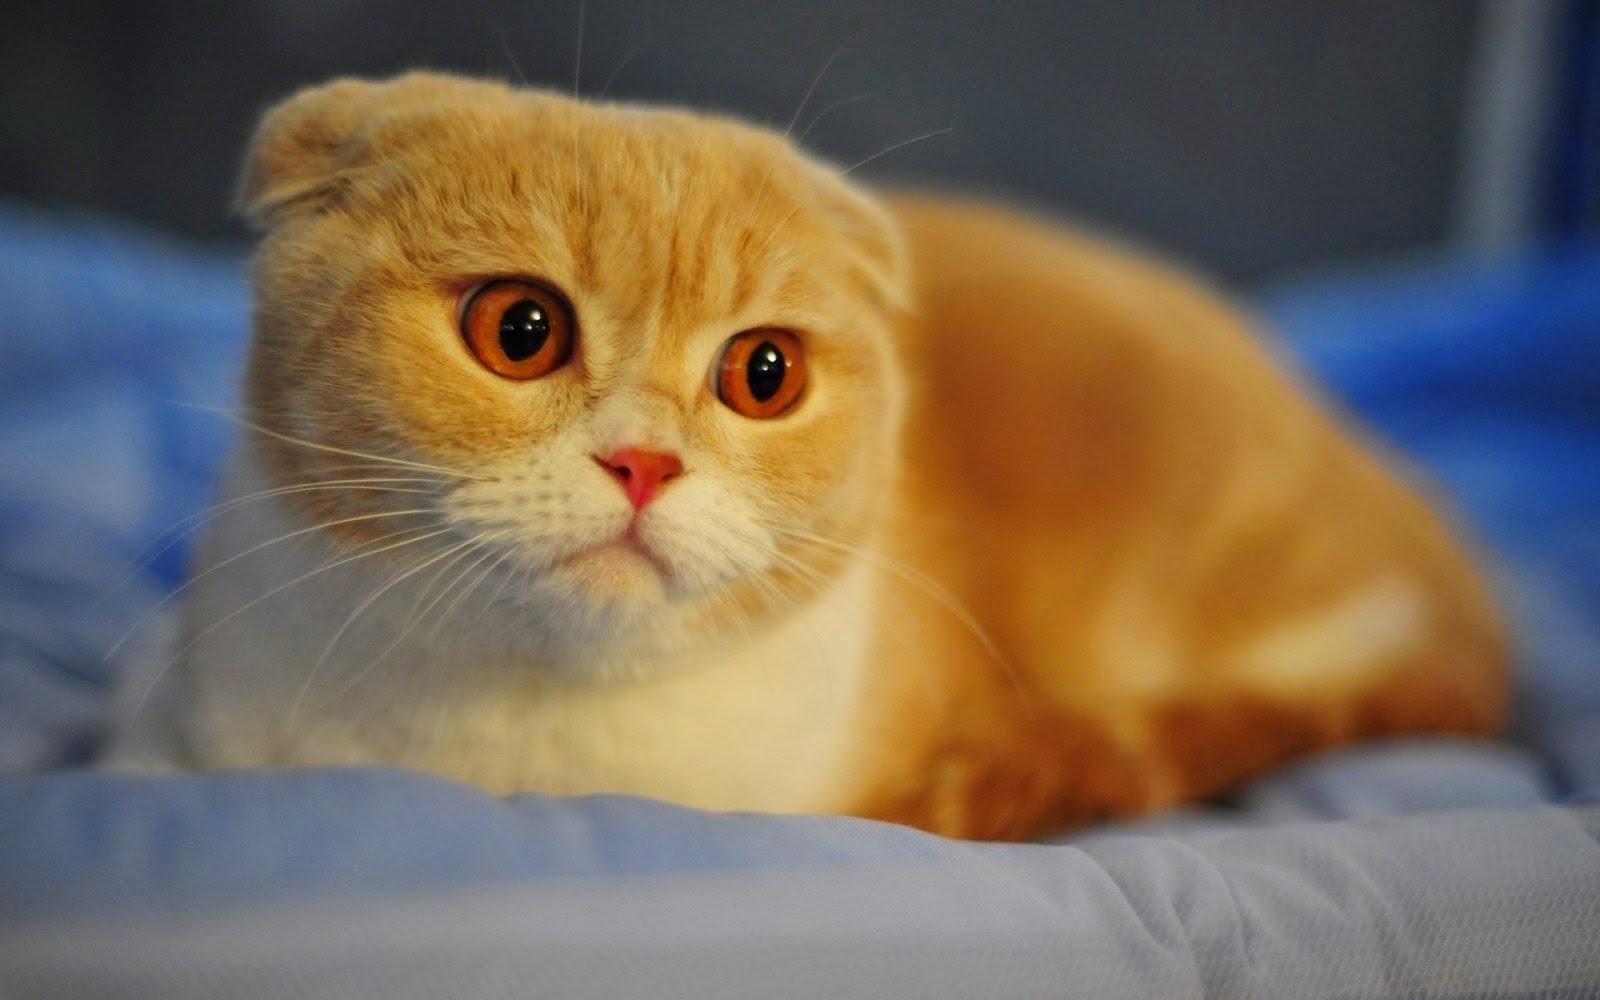 15 curiosidades sobre gatos que você provavelmente não sabia